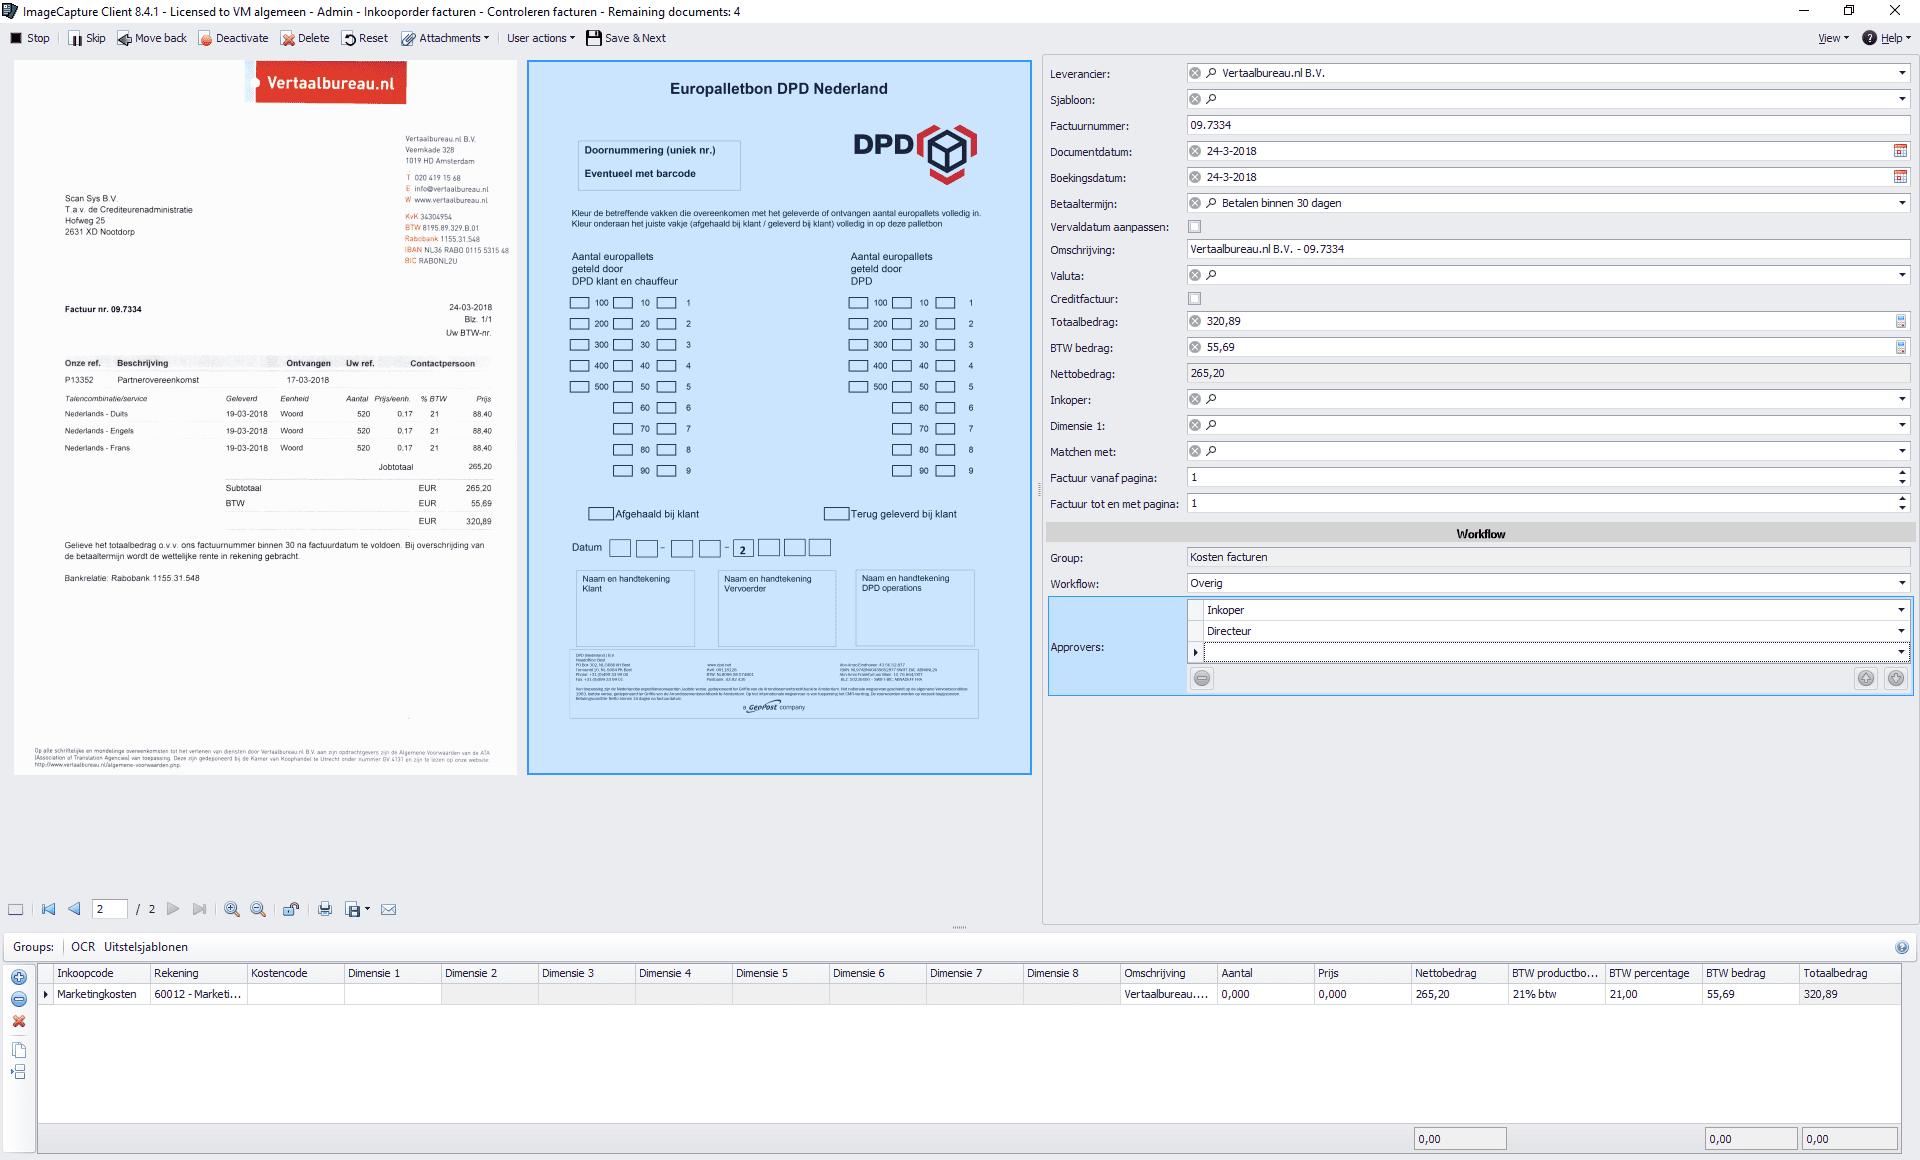 Factuurverwerking met Dynamics NAV en ImageCapture